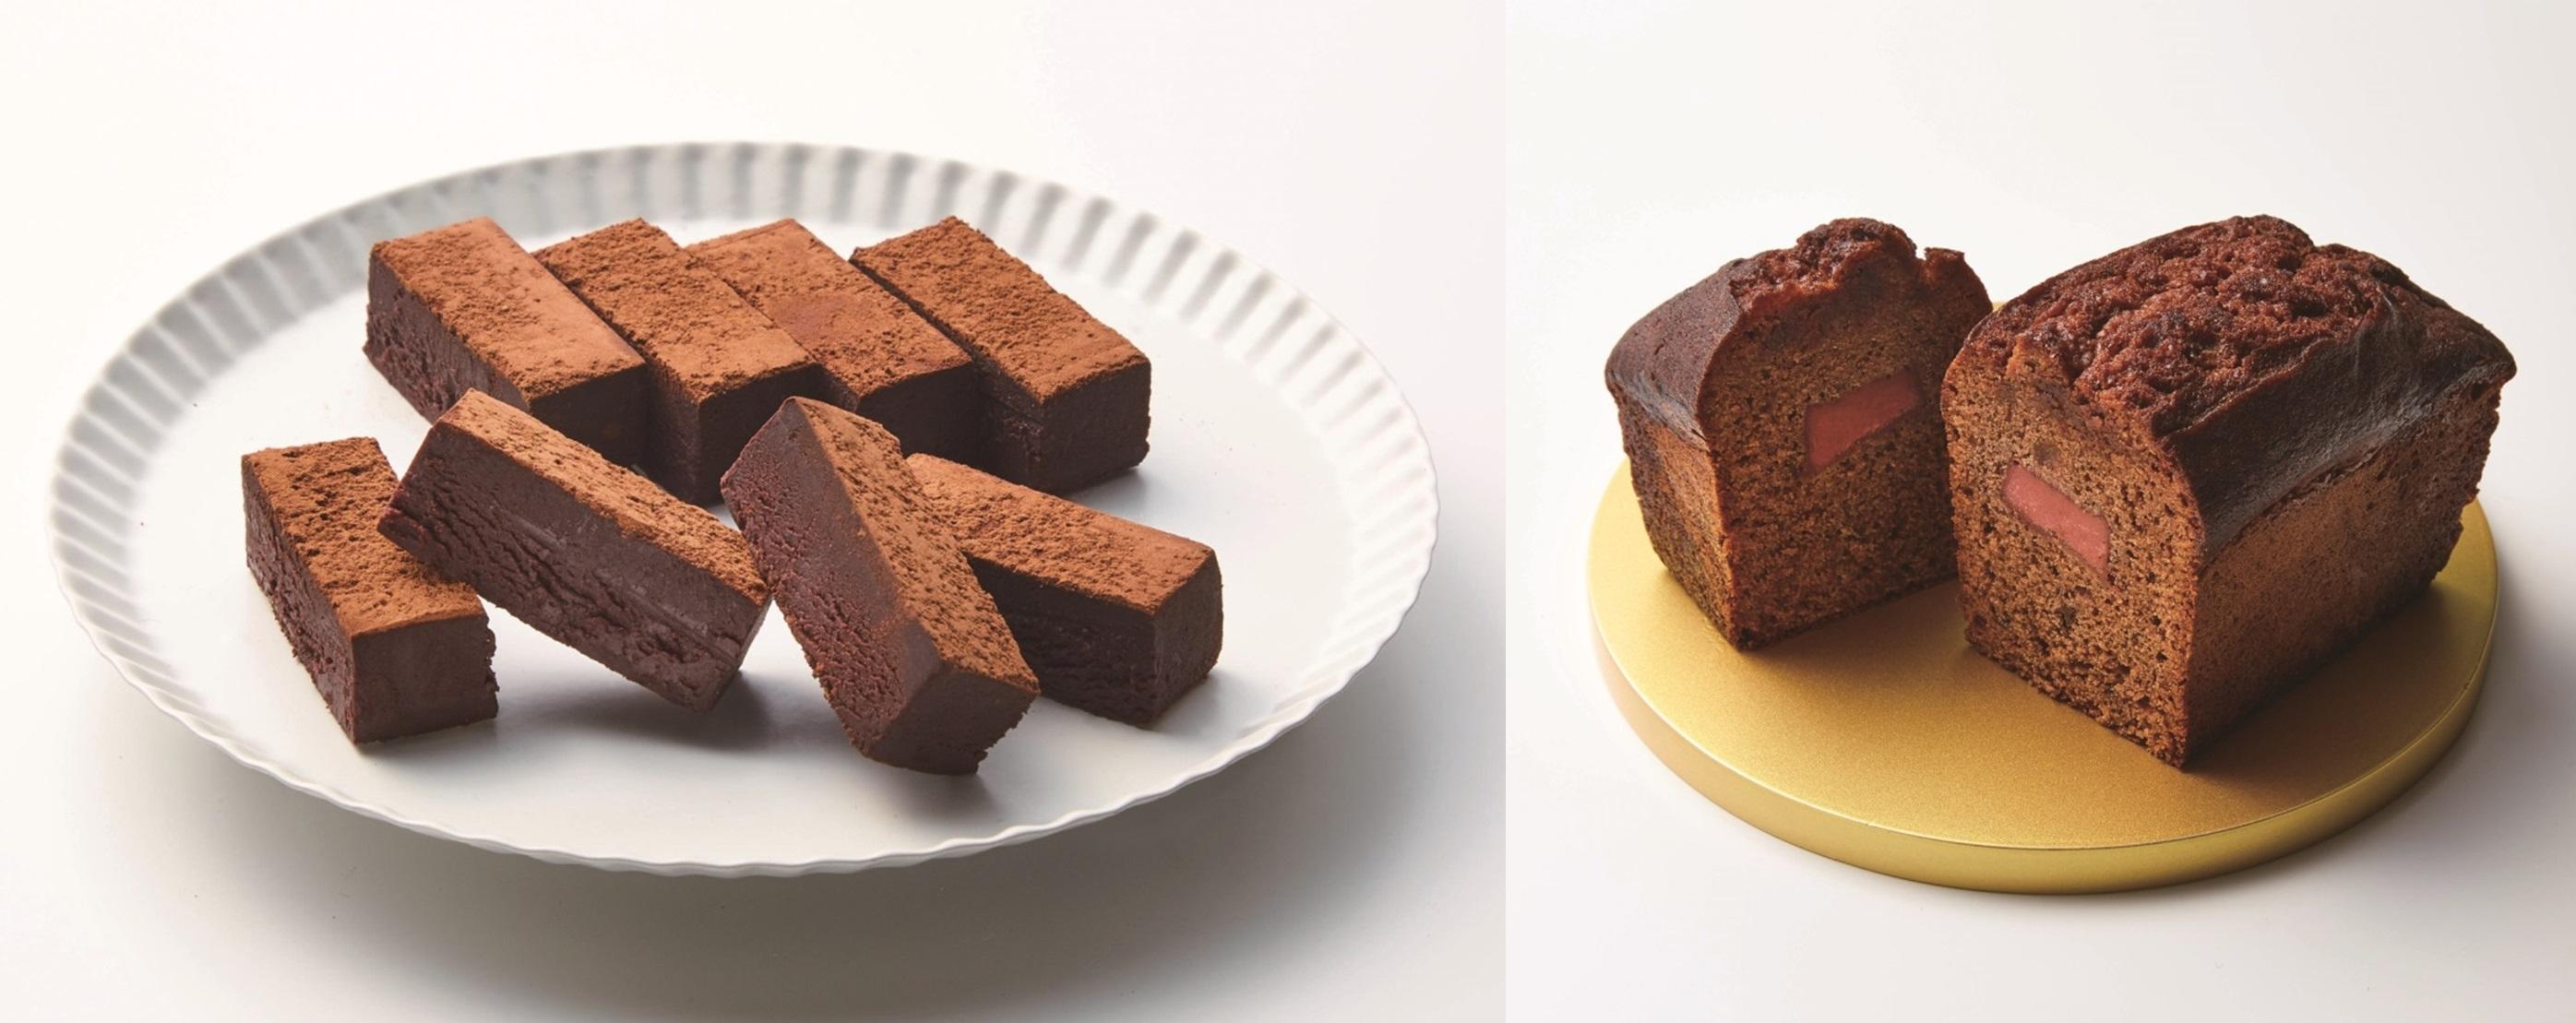 日本一のチョコレートの祭典「アムール デュ ショコラ」、2月14日まで開催!購入したおすすめ商品もご紹介 - 8